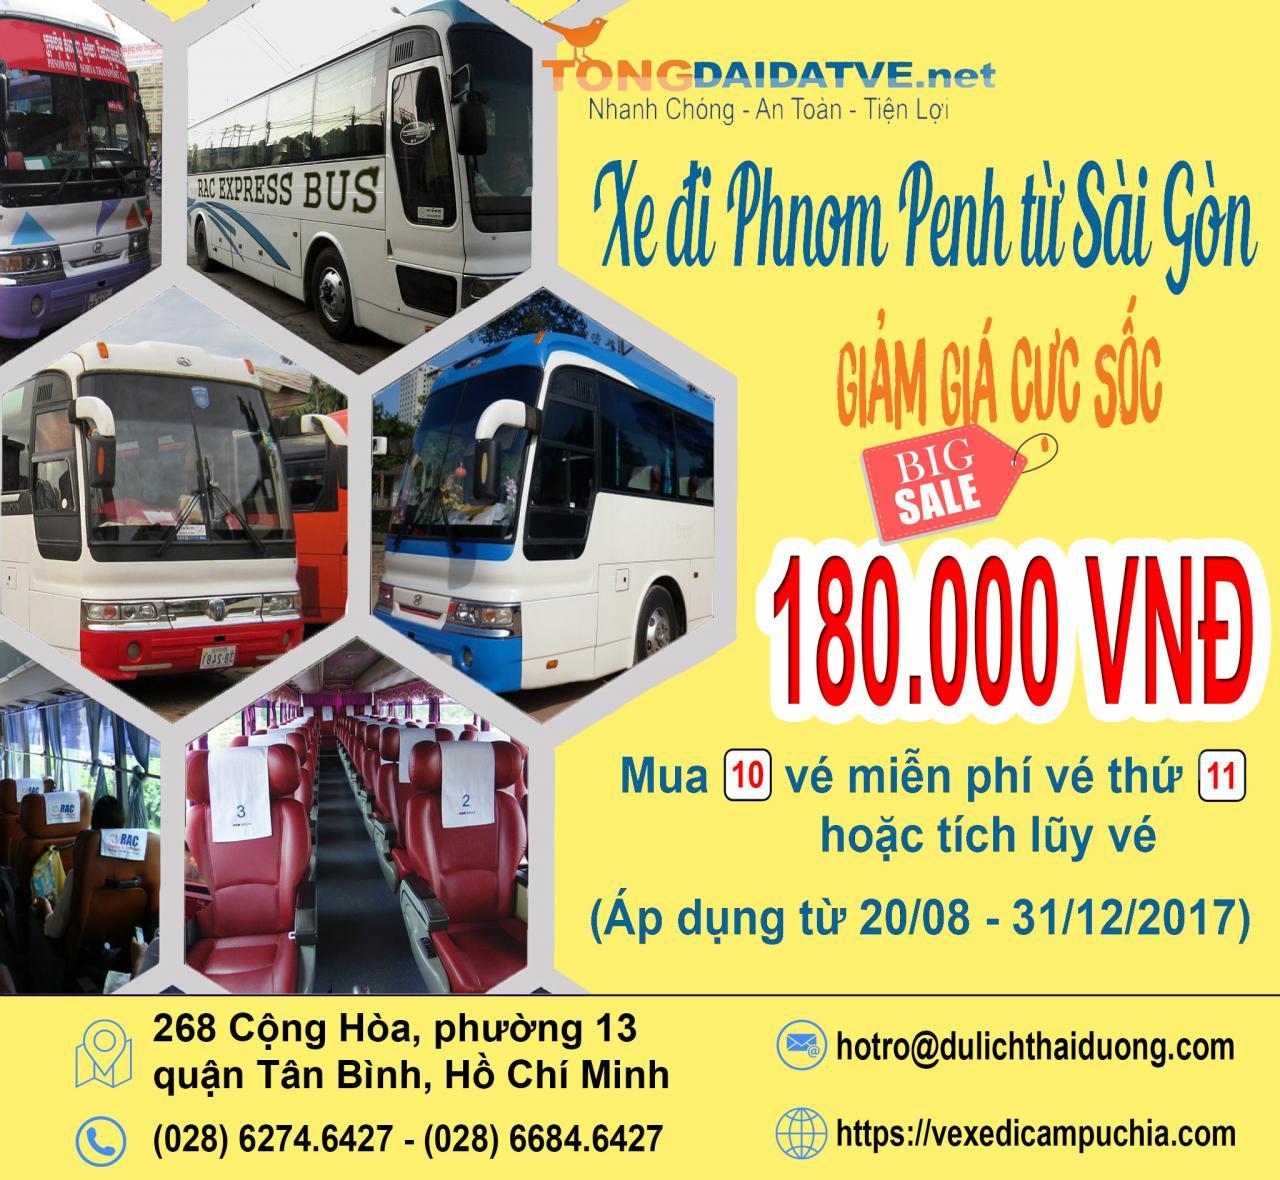 khuyến mại vé xe di campuchia 1 - Khuyến mại vé xe đi Campuchia chỉ 180k